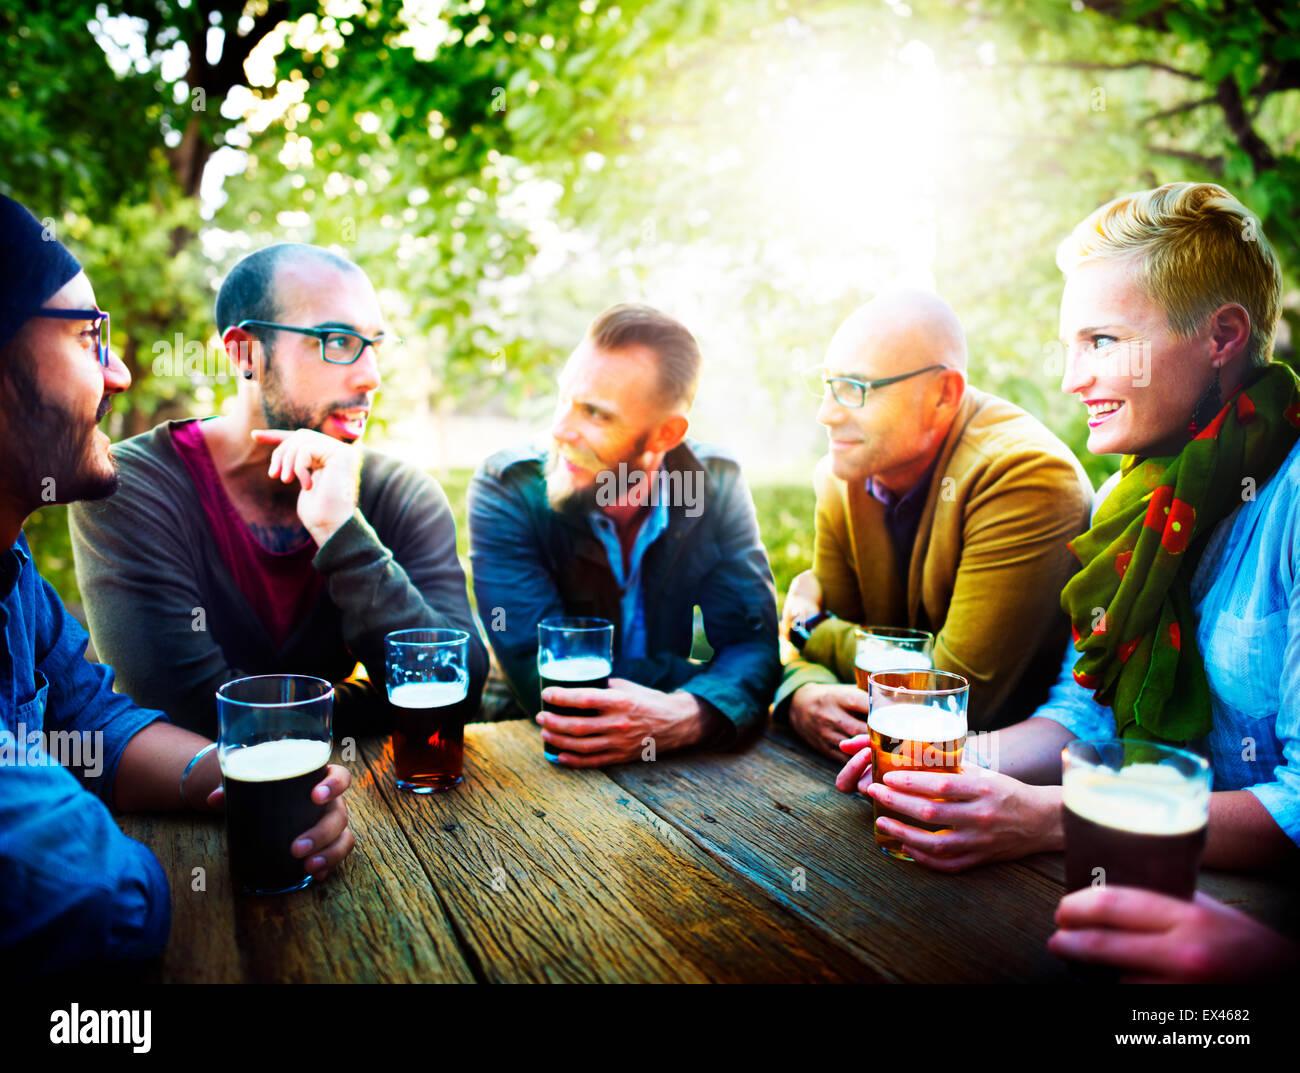 Persone bere birra Party concetto Amicizia Immagini Stock